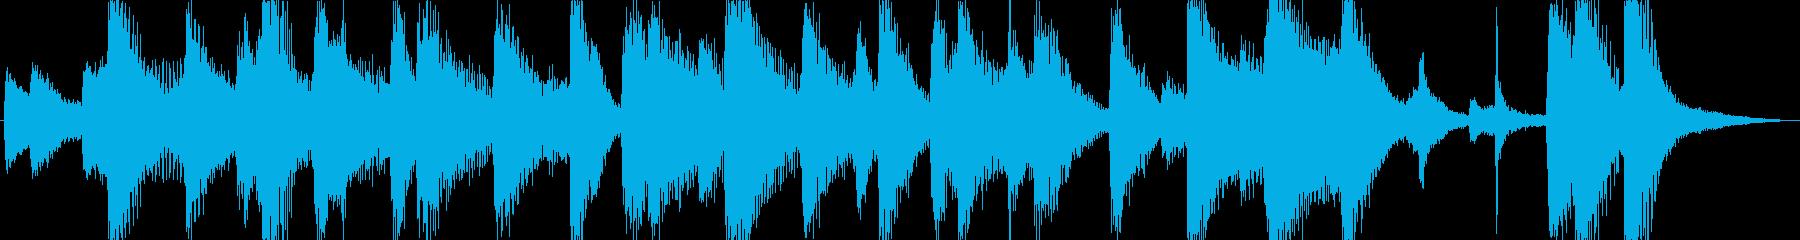 緩やかで可愛いジングル・アイキャッチの再生済みの波形